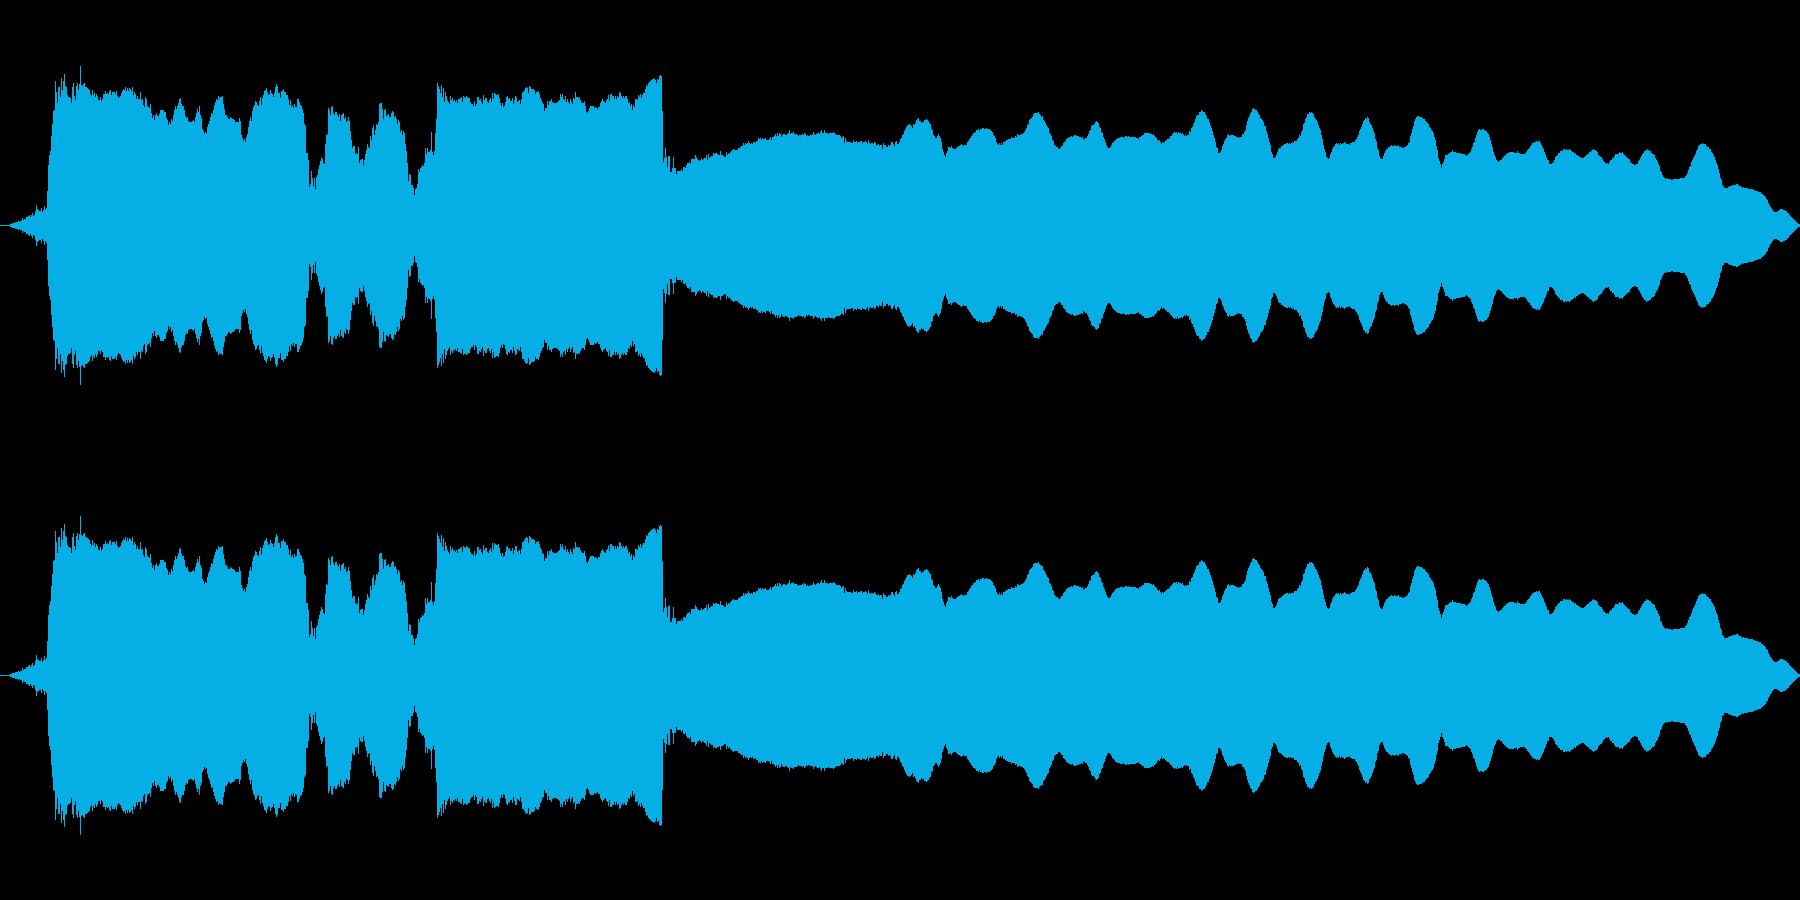 こぶし03(E)の再生済みの波形